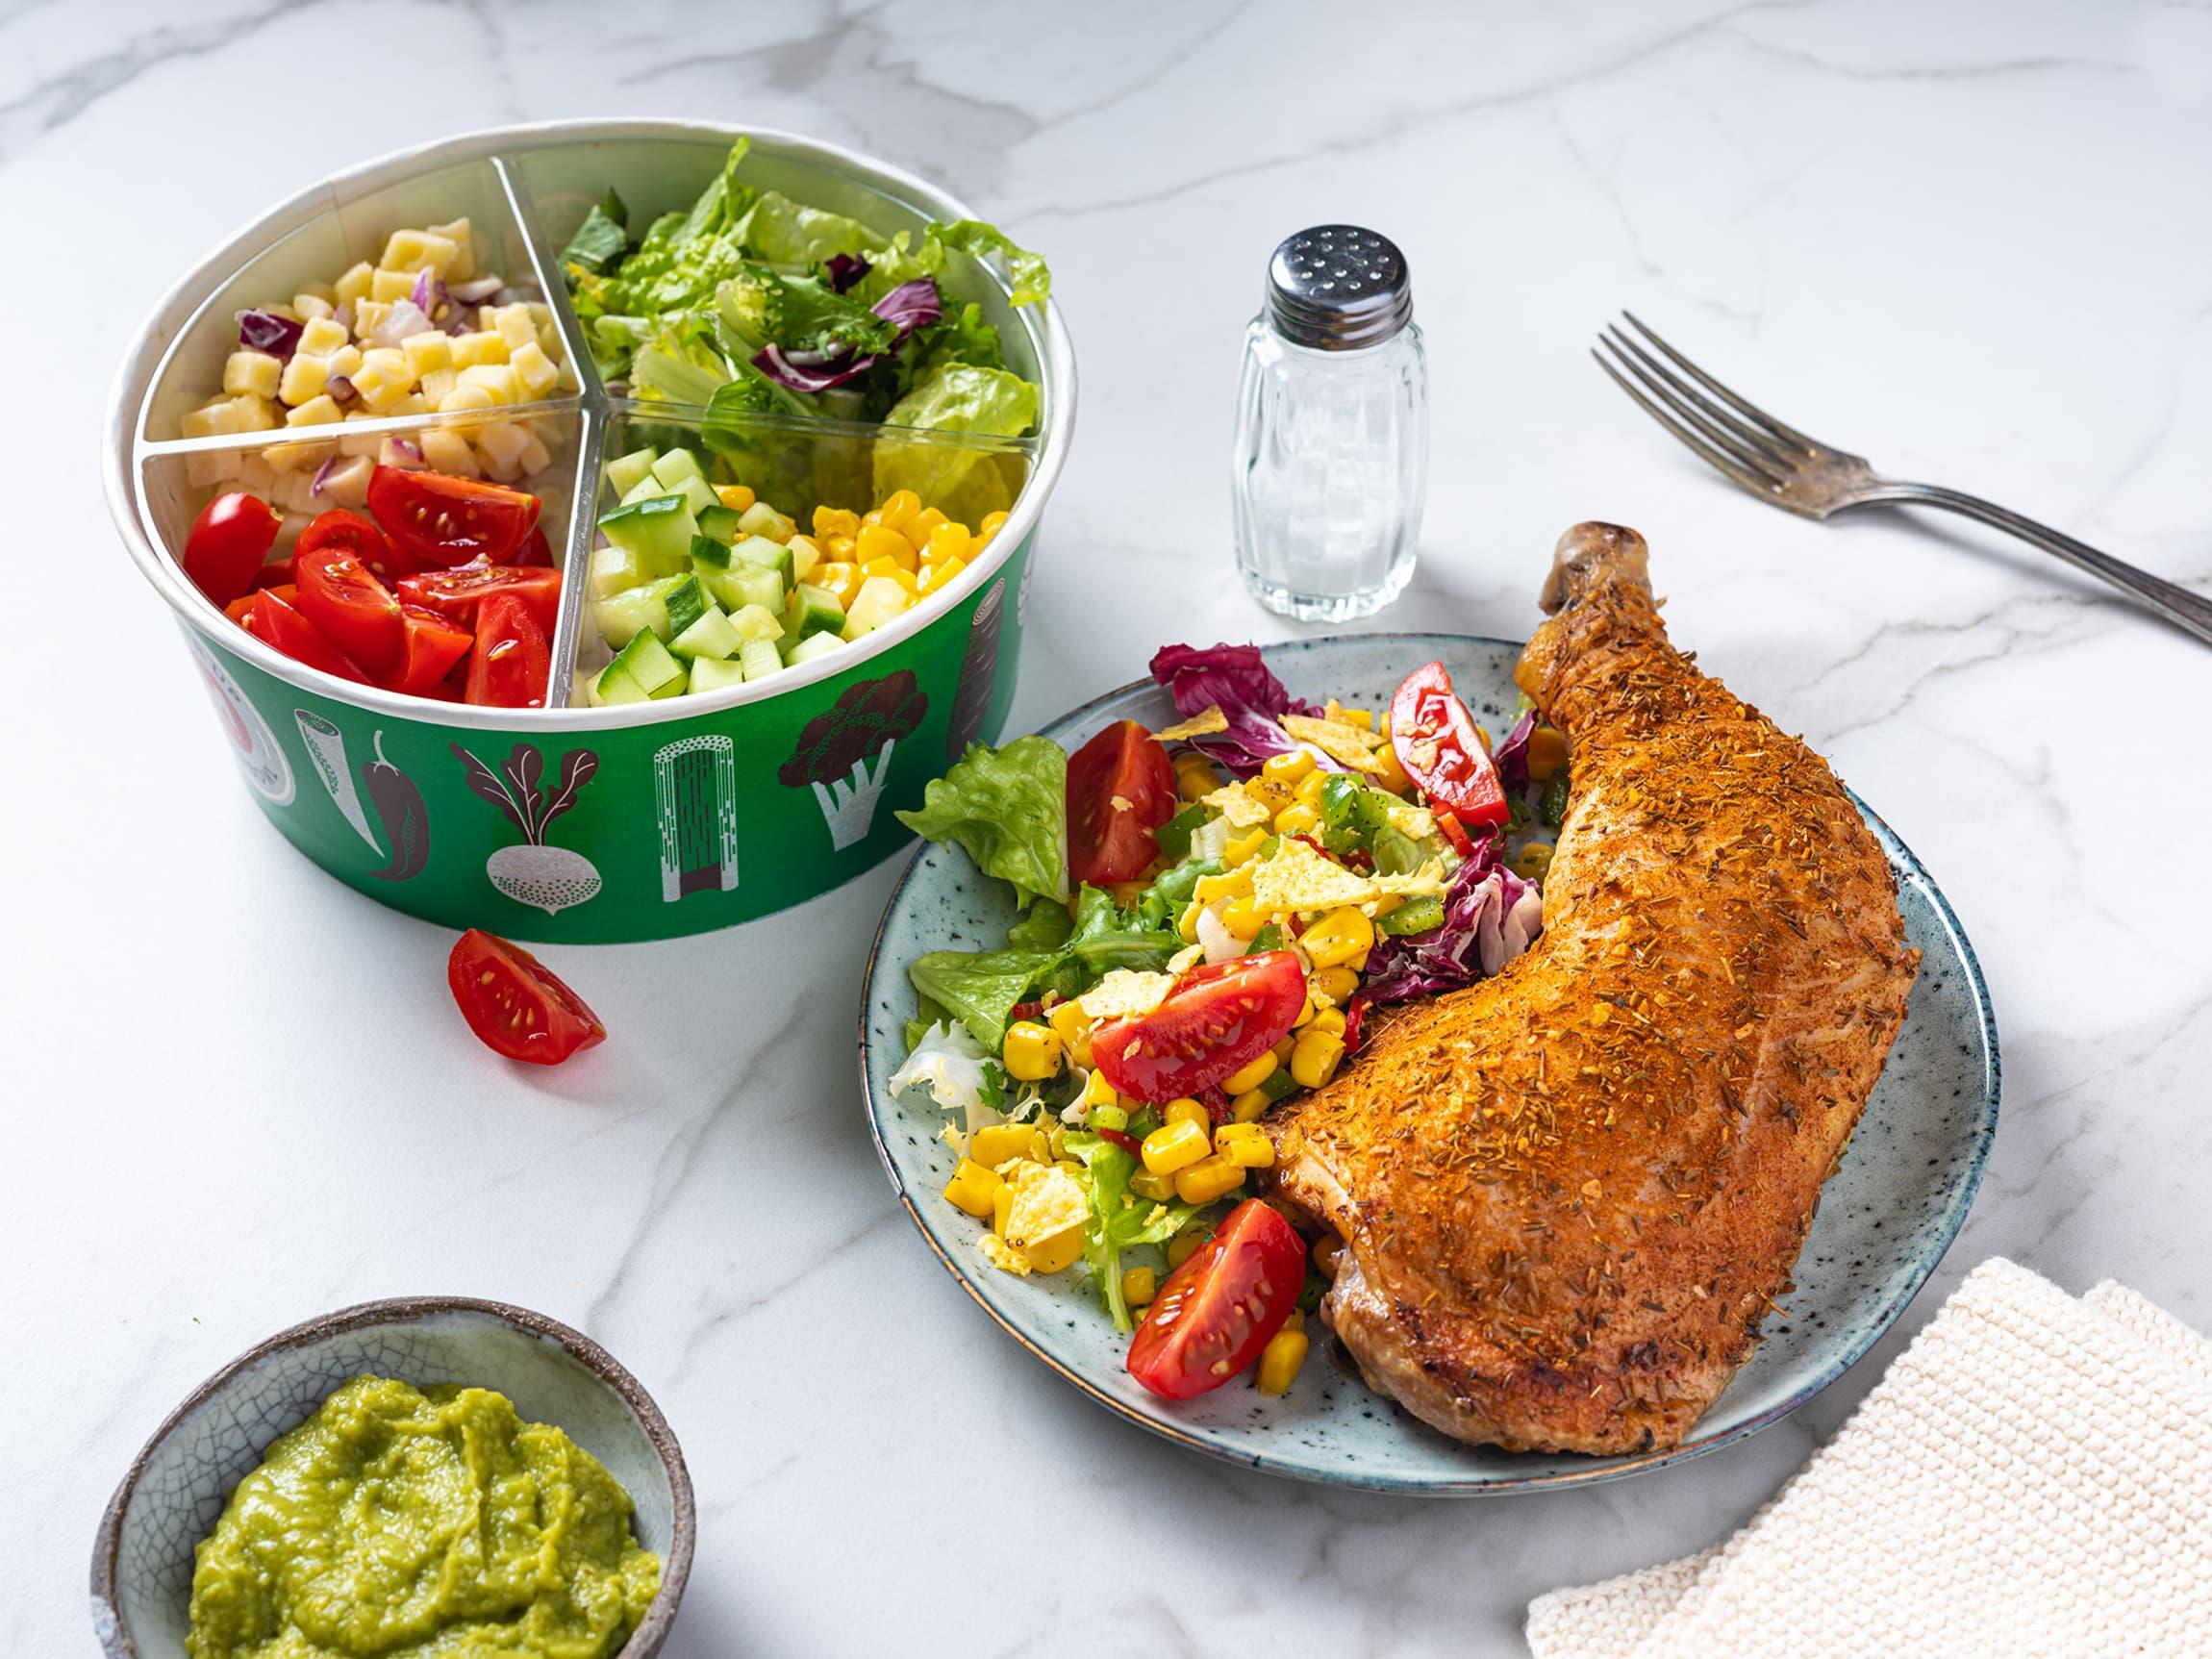 Perfekt tilbehør til lunsj og middag fra salatbaren